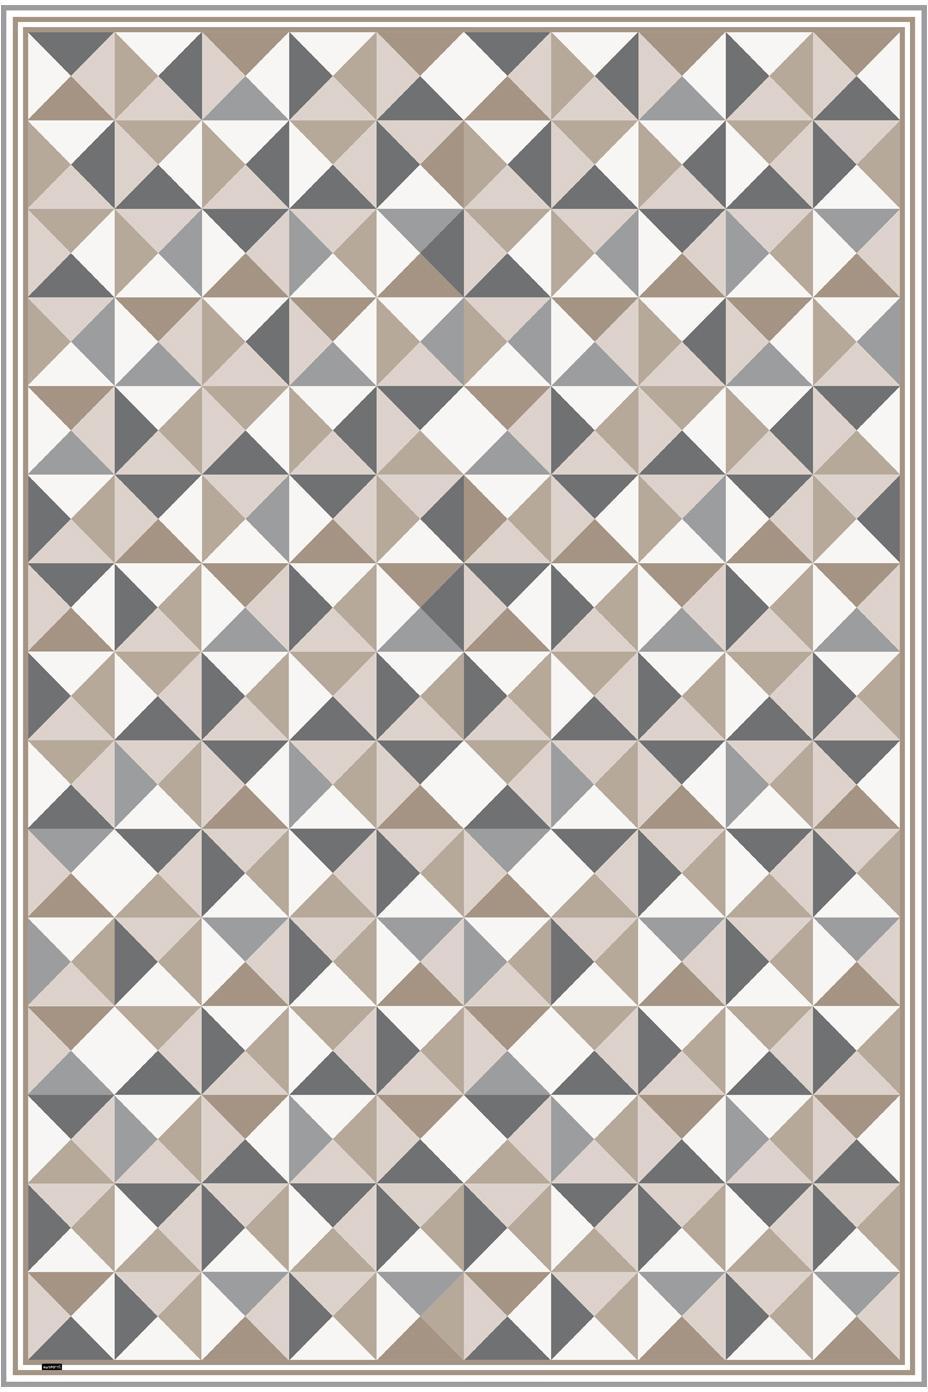 Vinyl-Bodenmatte Haakon, Vinyl, recycelbar, Grautöne, Beigetöne, Weiß, 135 x 200 cm